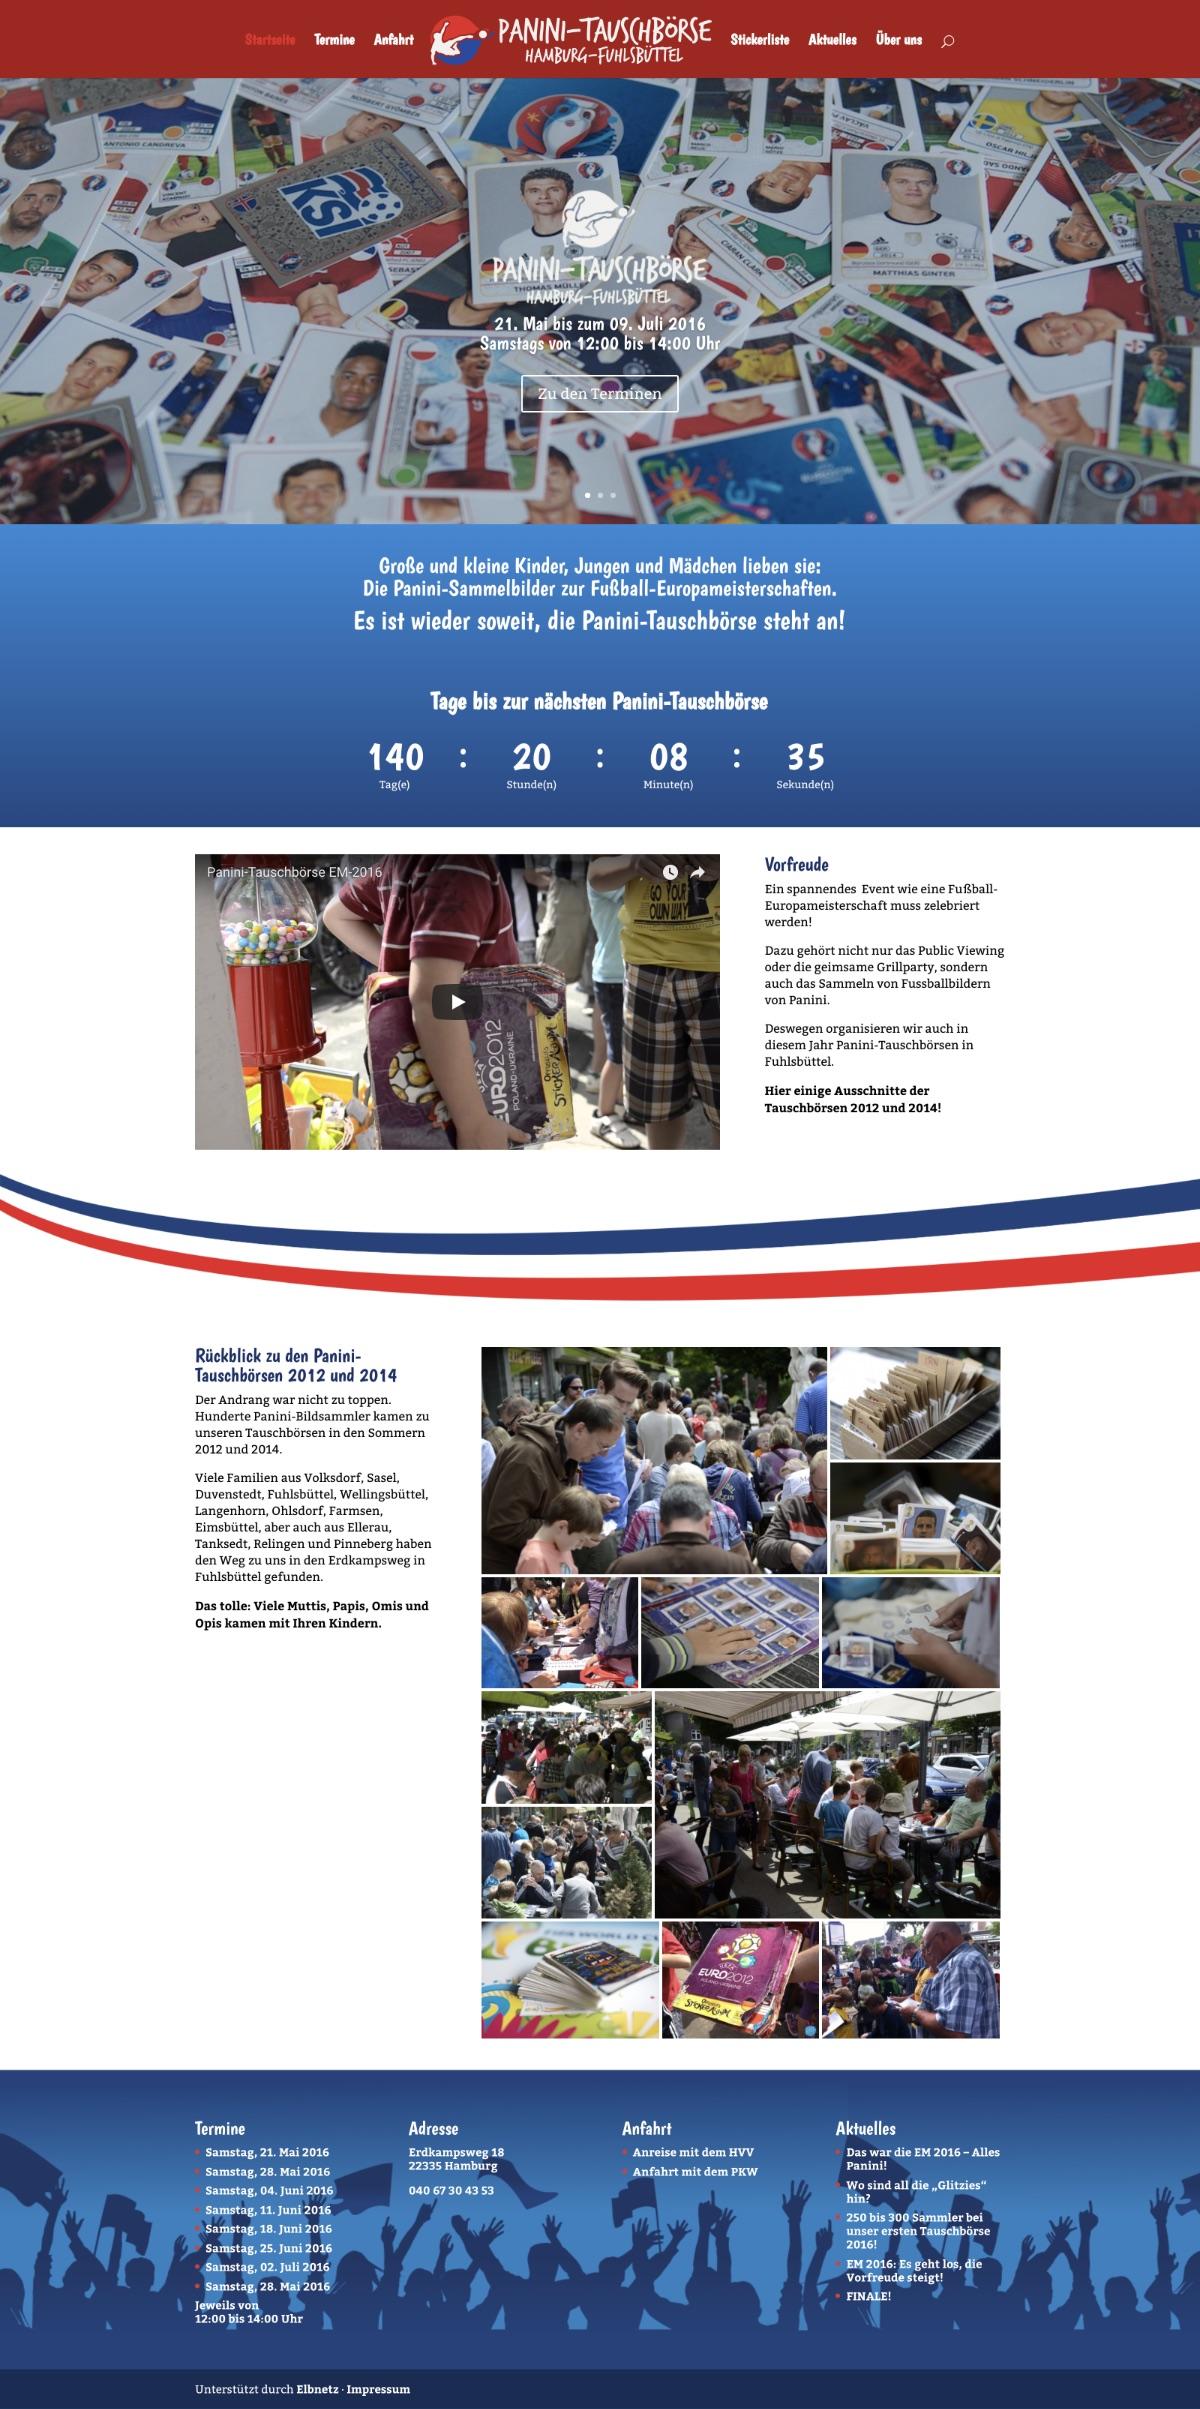 WebsitePanini Tauschbörse